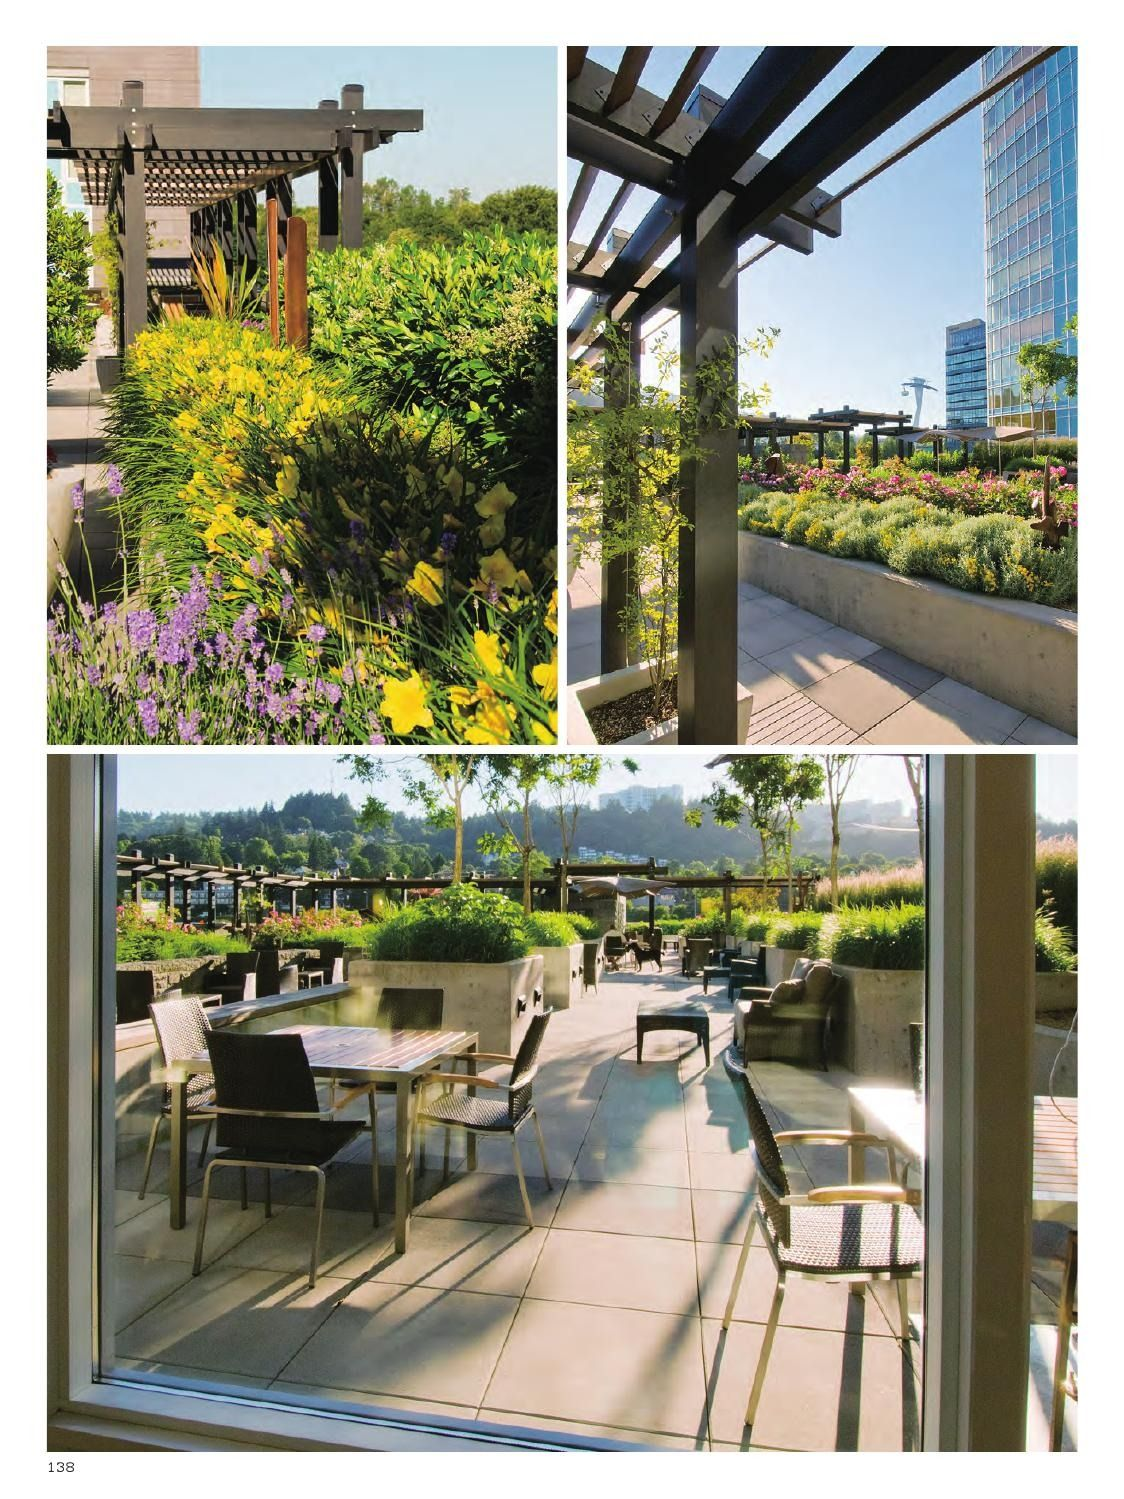 Roof Garden Landscape - World Landscape Case Studies #landsacpe #design # Garden Idea #architecture | Kitchen Garden, Roof Garden, Backyard